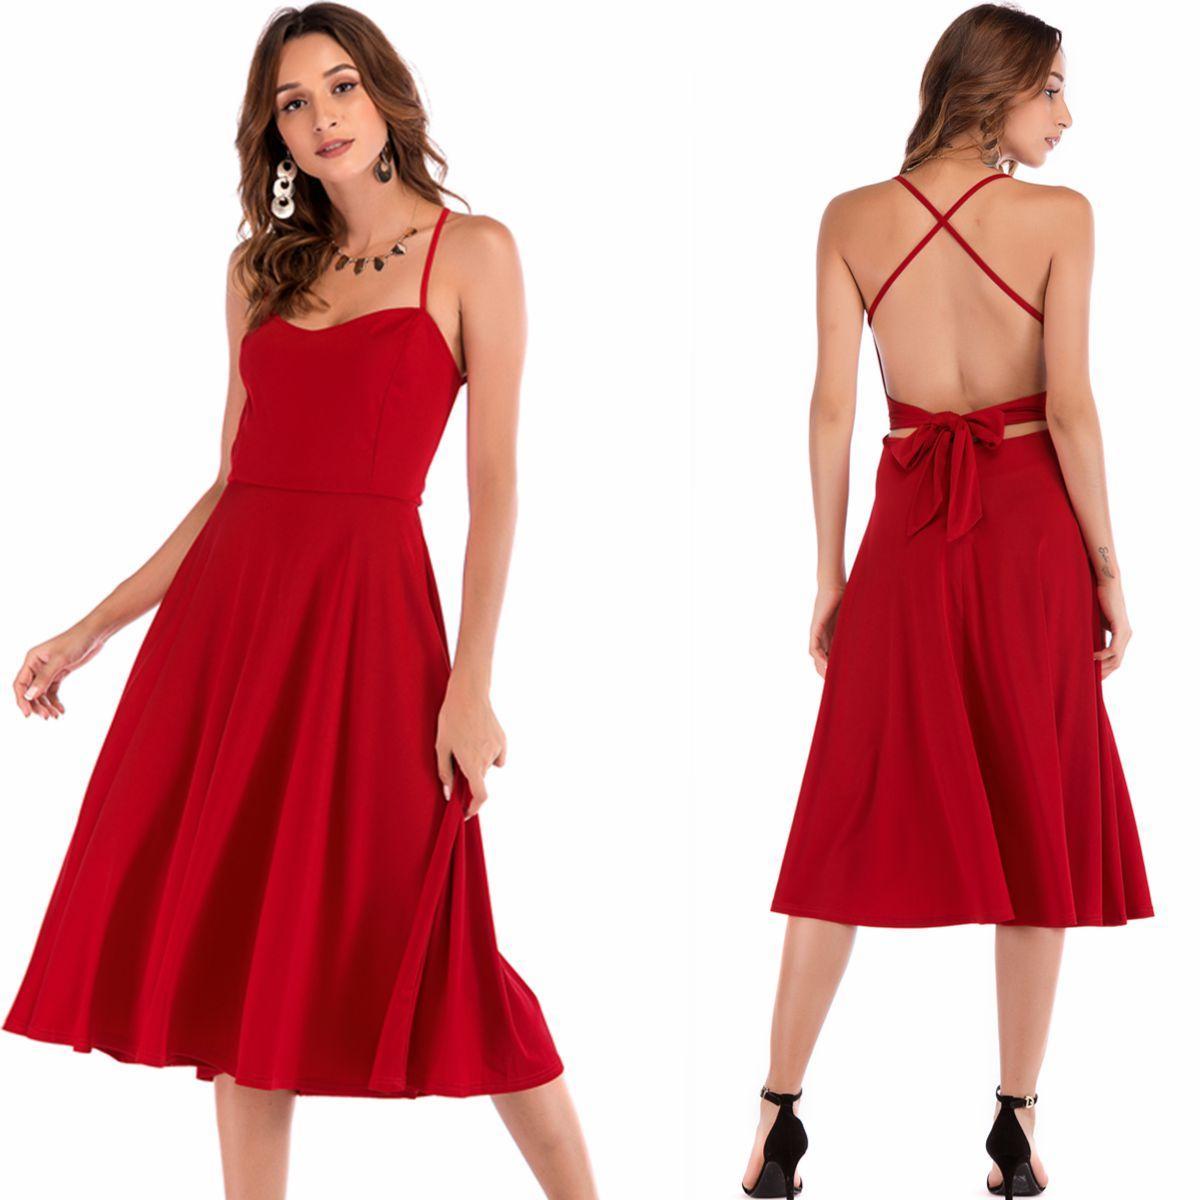 Großhandel Abendkleider Für Frauen Spaghetti Strap Midi Solid Red Sexy  Backless Sommer Party Dinner Cocktail Prom Kleider 16 Von Clothes_zone,  16,16